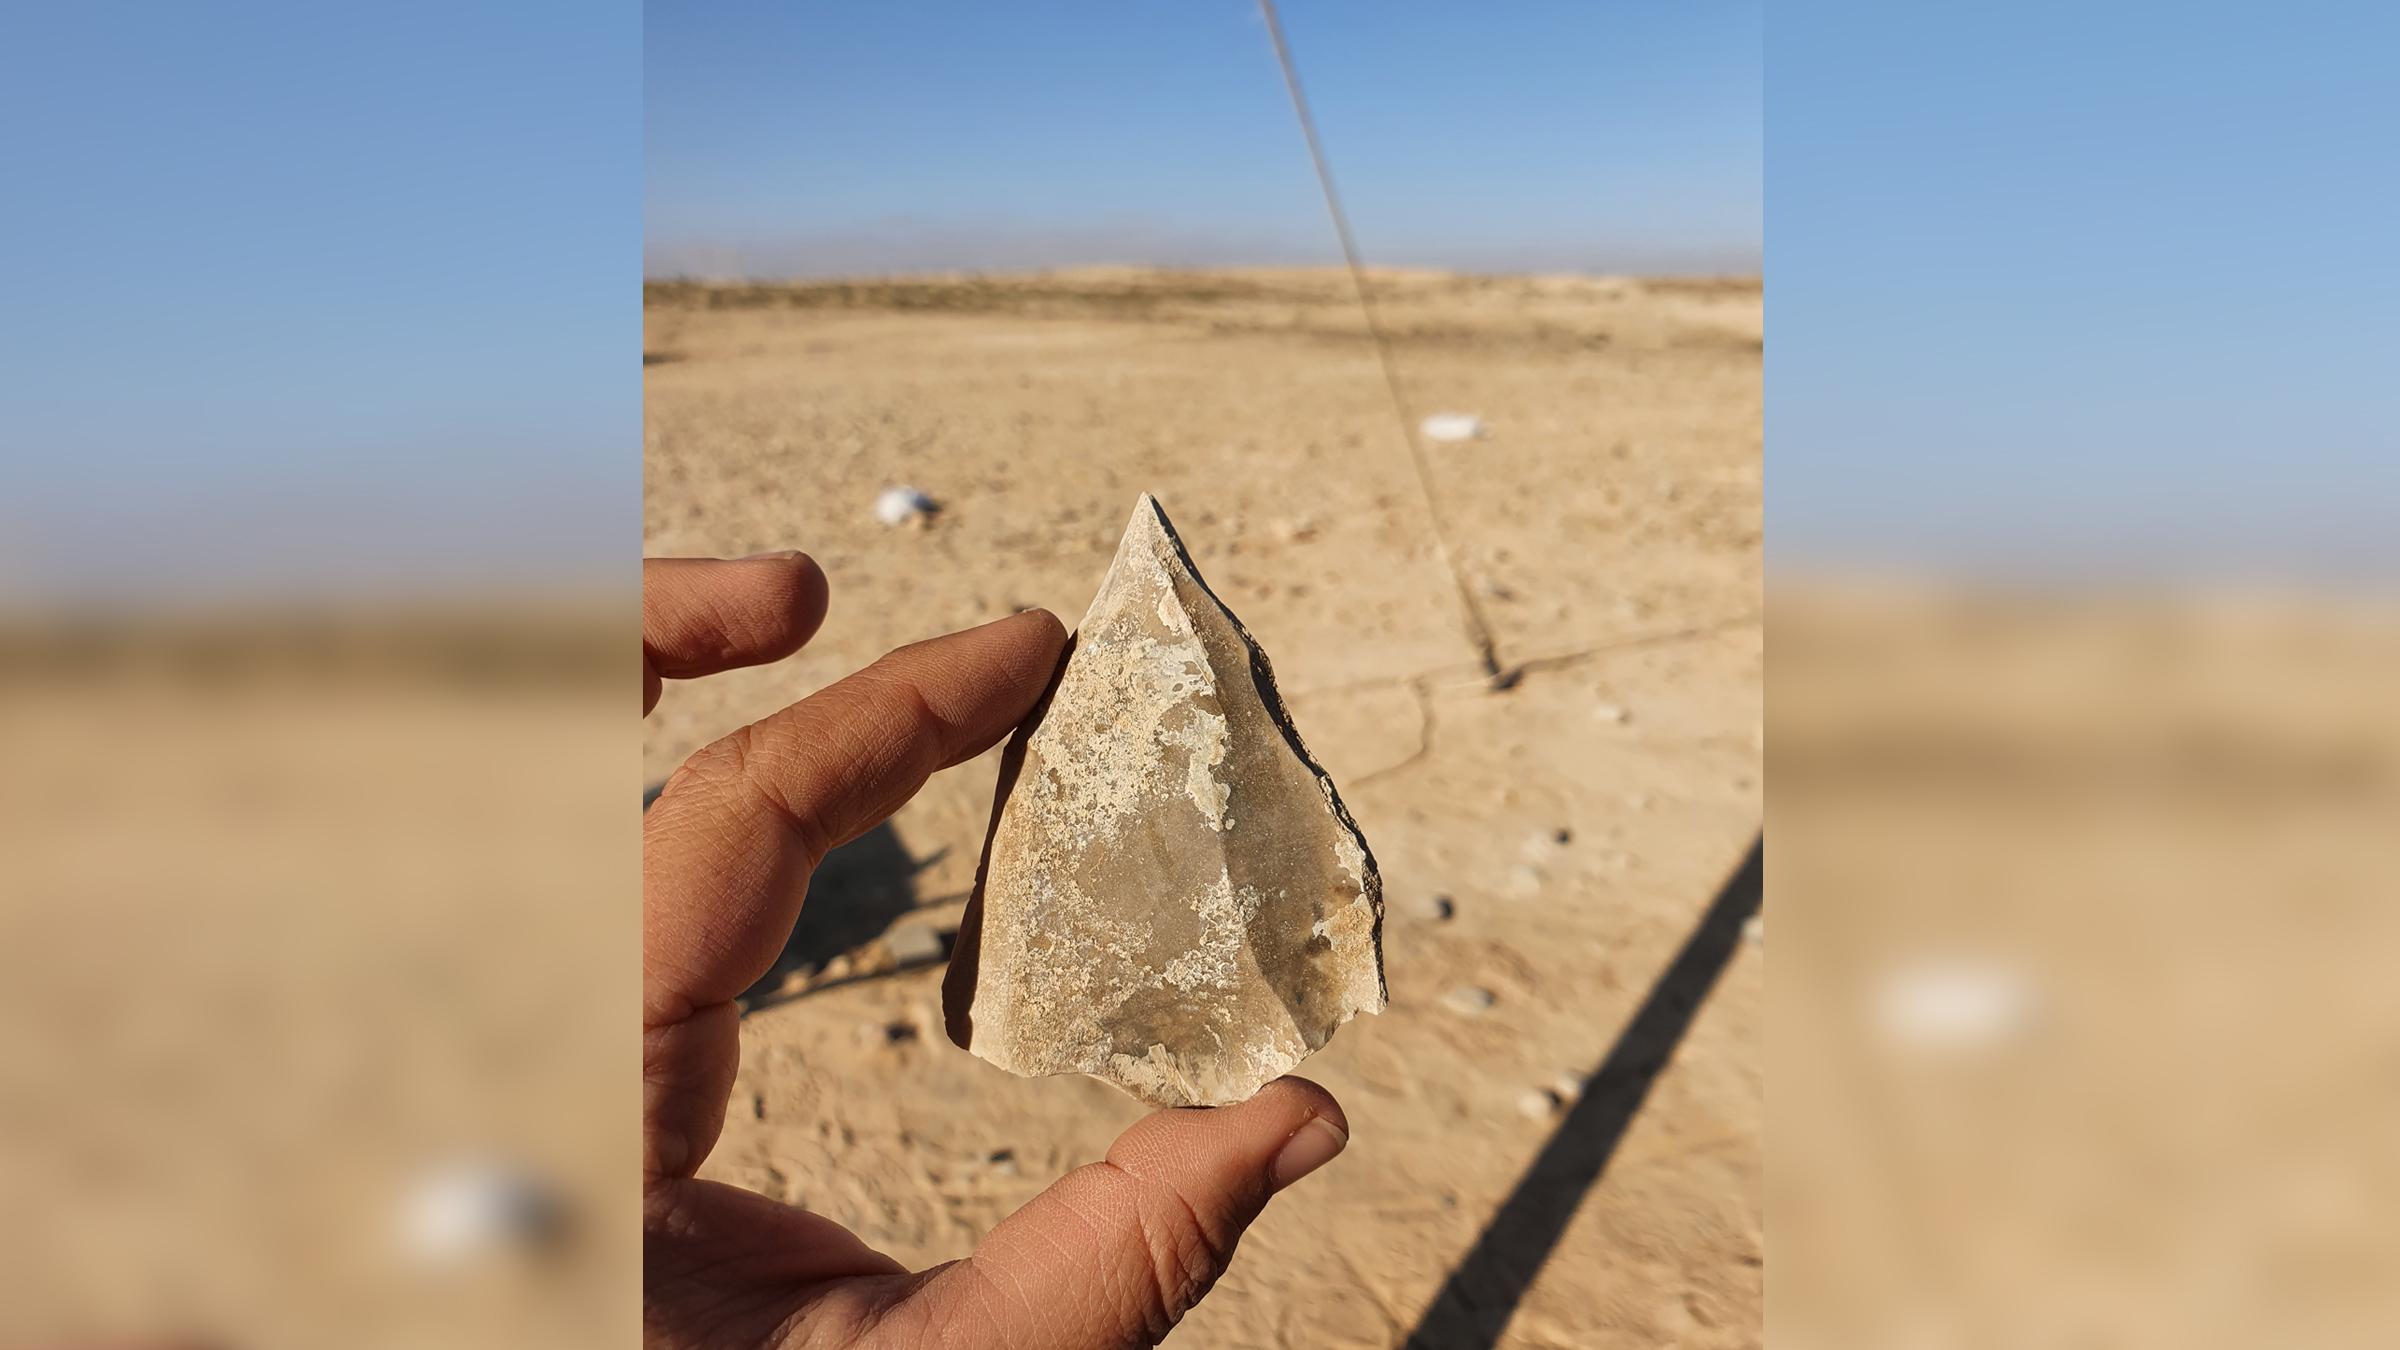 L'un des outils en pierre distinctifs, fabriqué avec une ancienne technologie de taille du silex connue sous le nom de Nubian Levallois, trouvé sur le site archéologique du désert du Néguev.